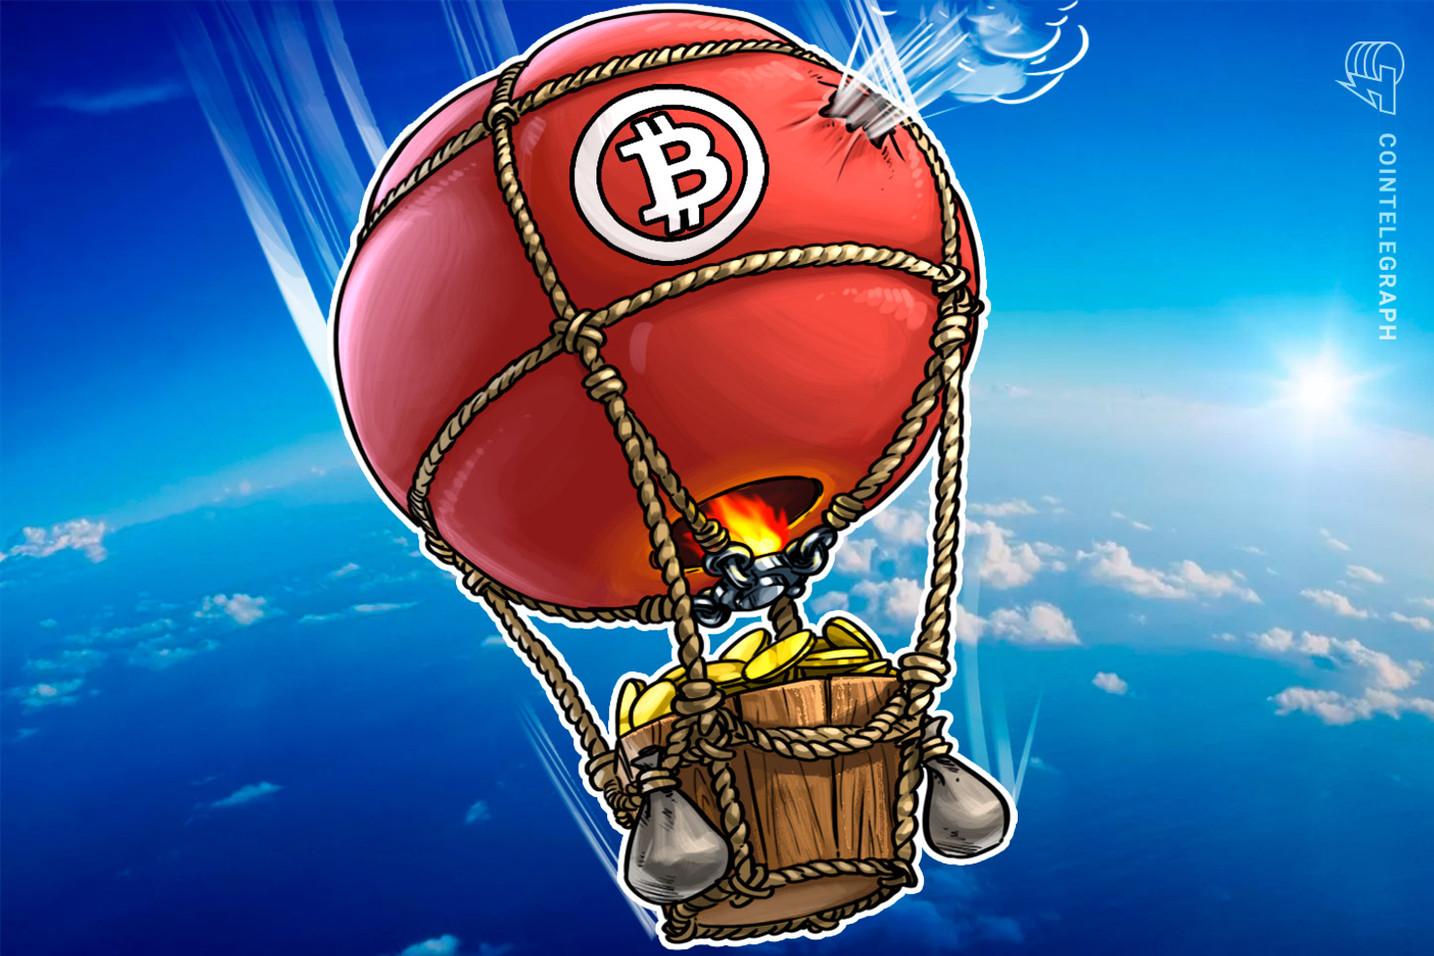 過去の経験を知るものは売っていない?去年11月の仮想通貨ビットコイン購入者、先週の急落時も保有継続【ニュース】